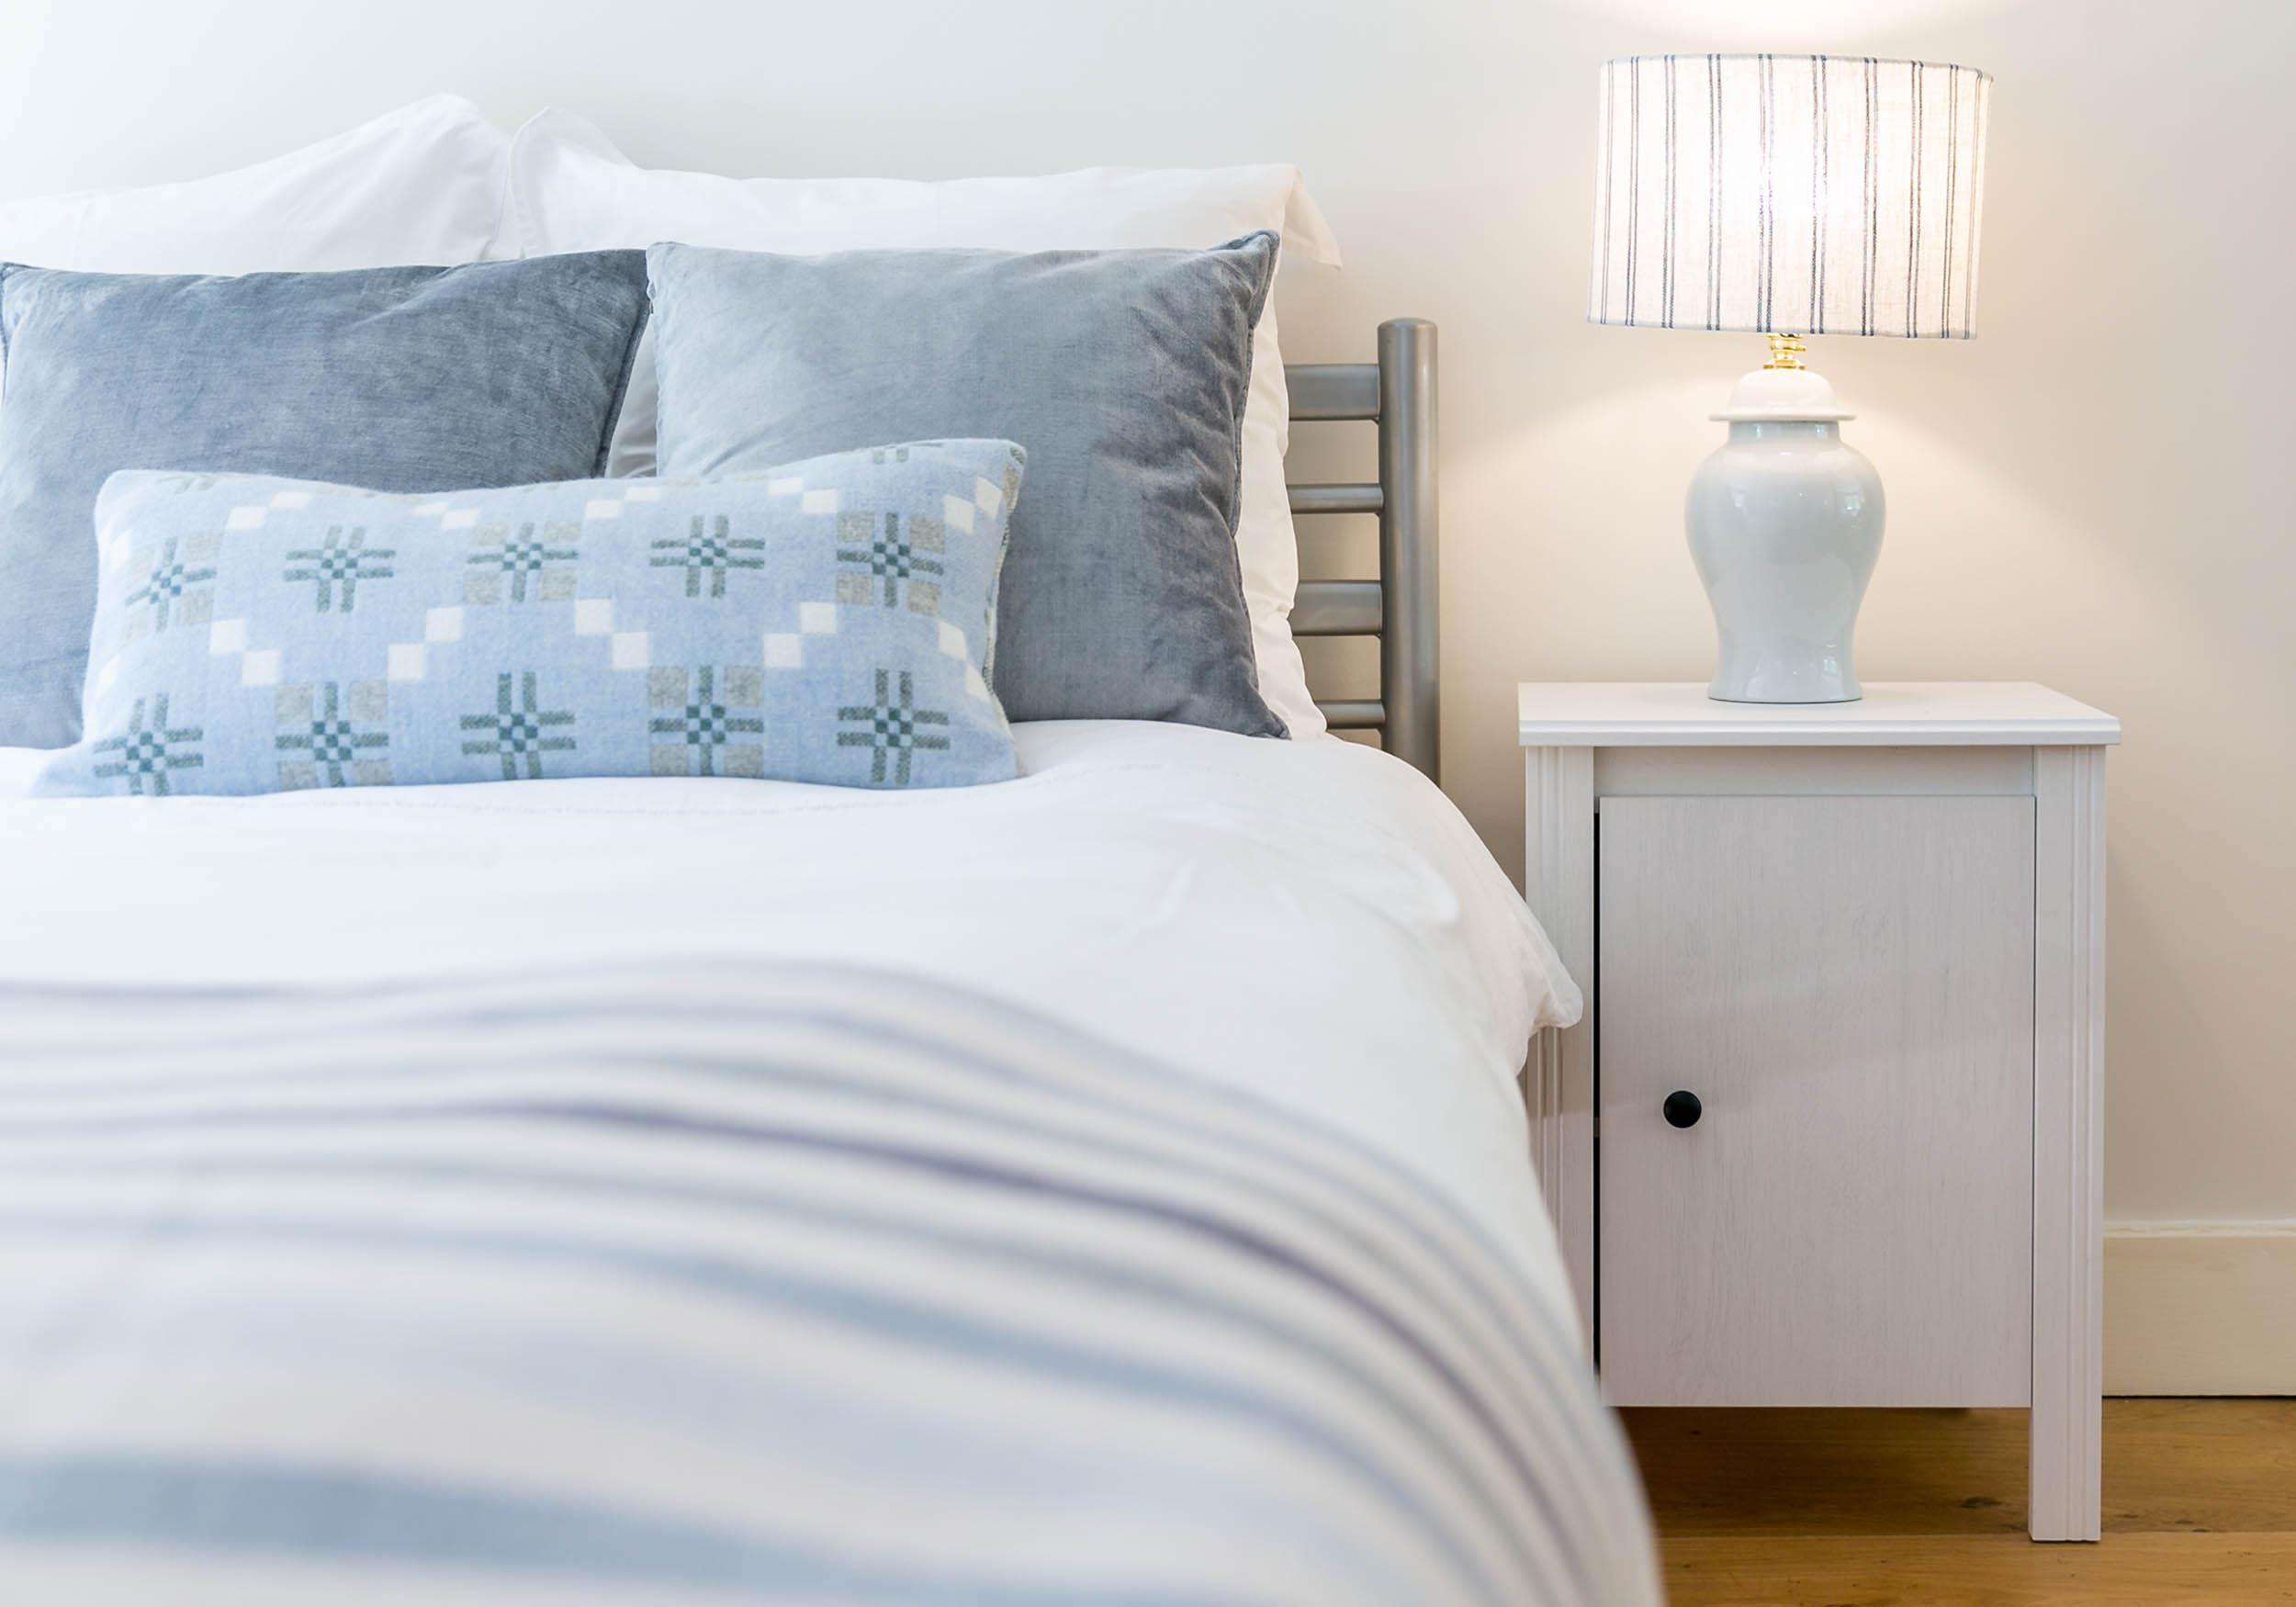 bayview-bedroom-2.jpg